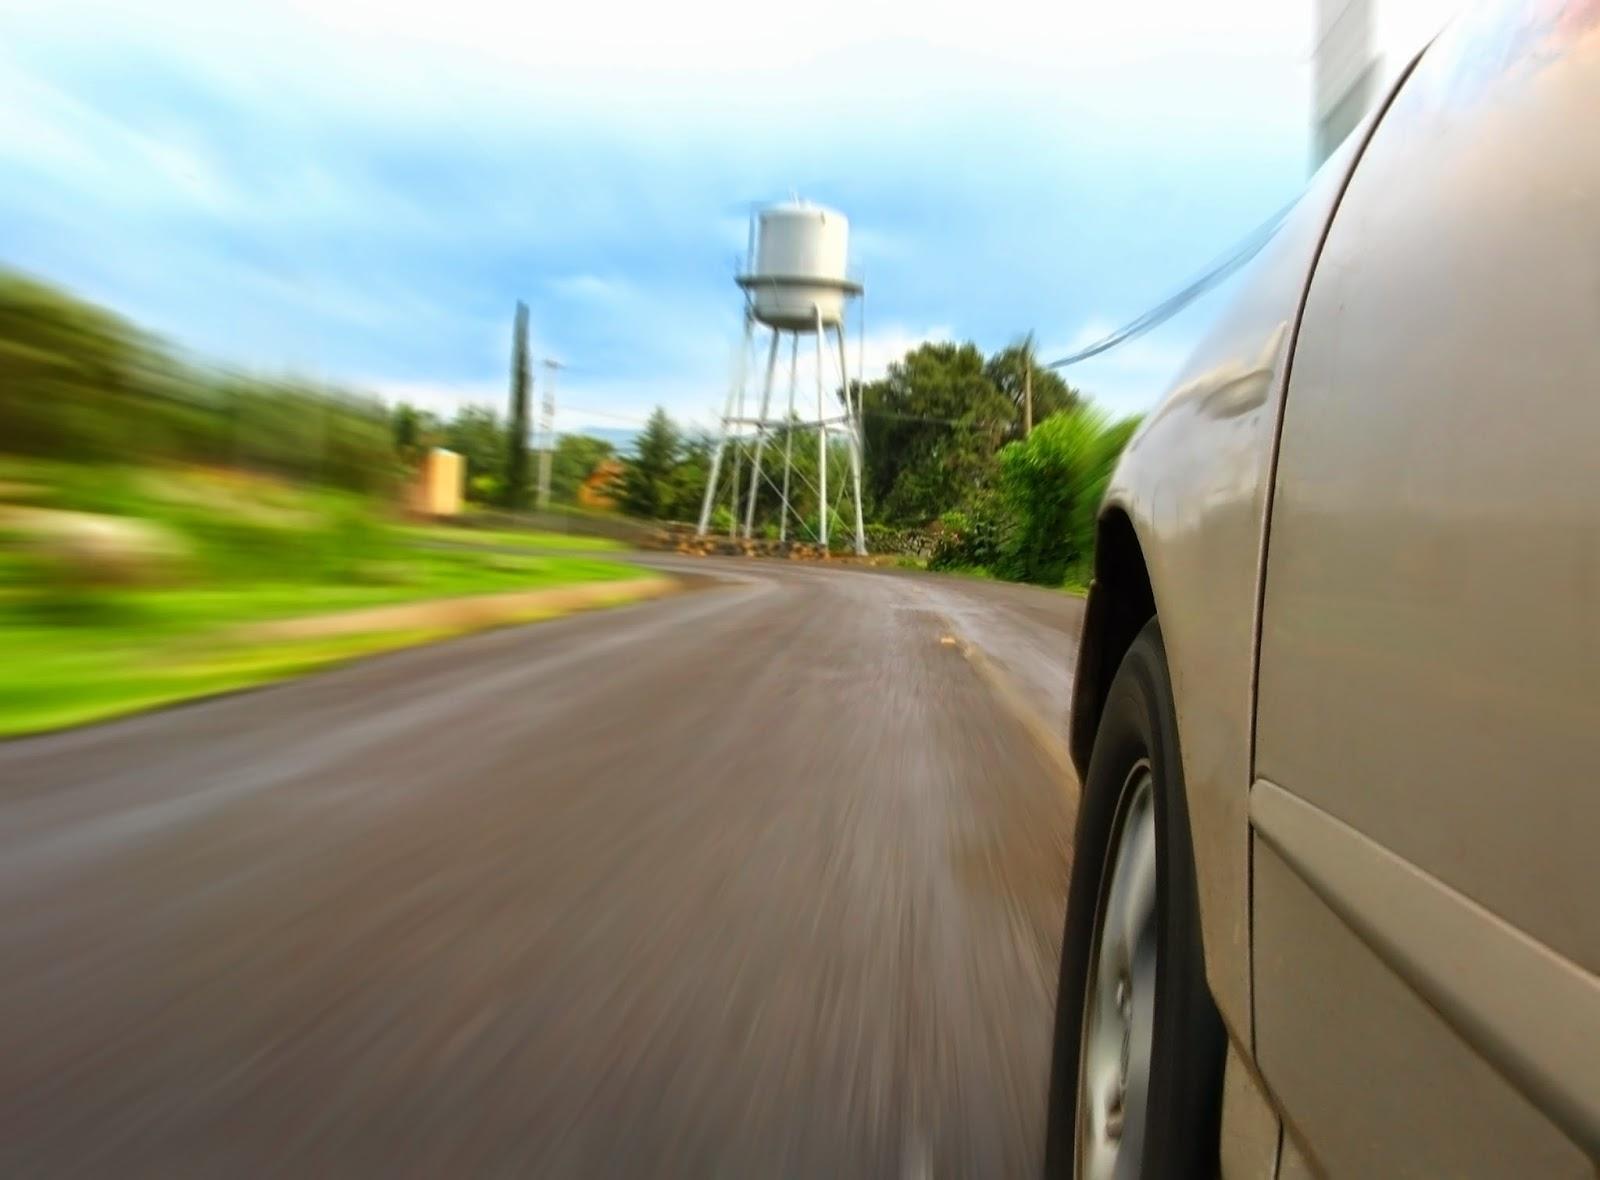 Ein schnell fahrendes Auto mit Ganzjahresreifen